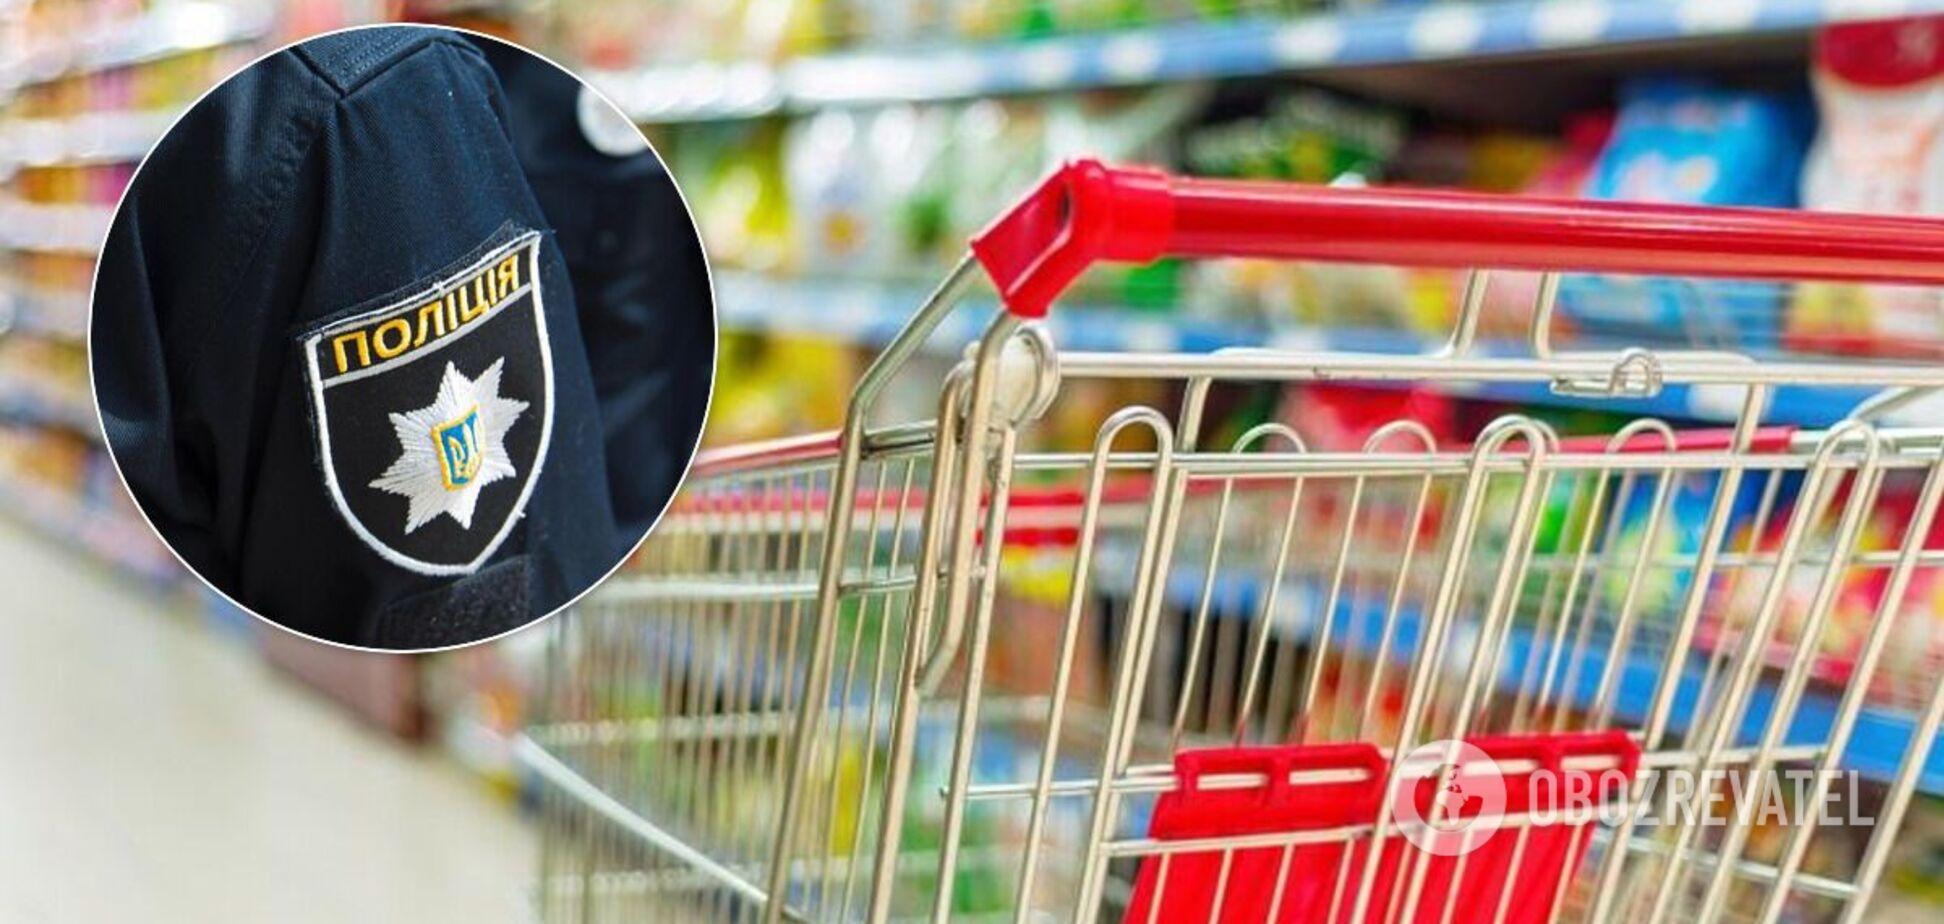 У Києві чоловік погрожував підірвати супермаркет, його спіймали. Ілюстрація